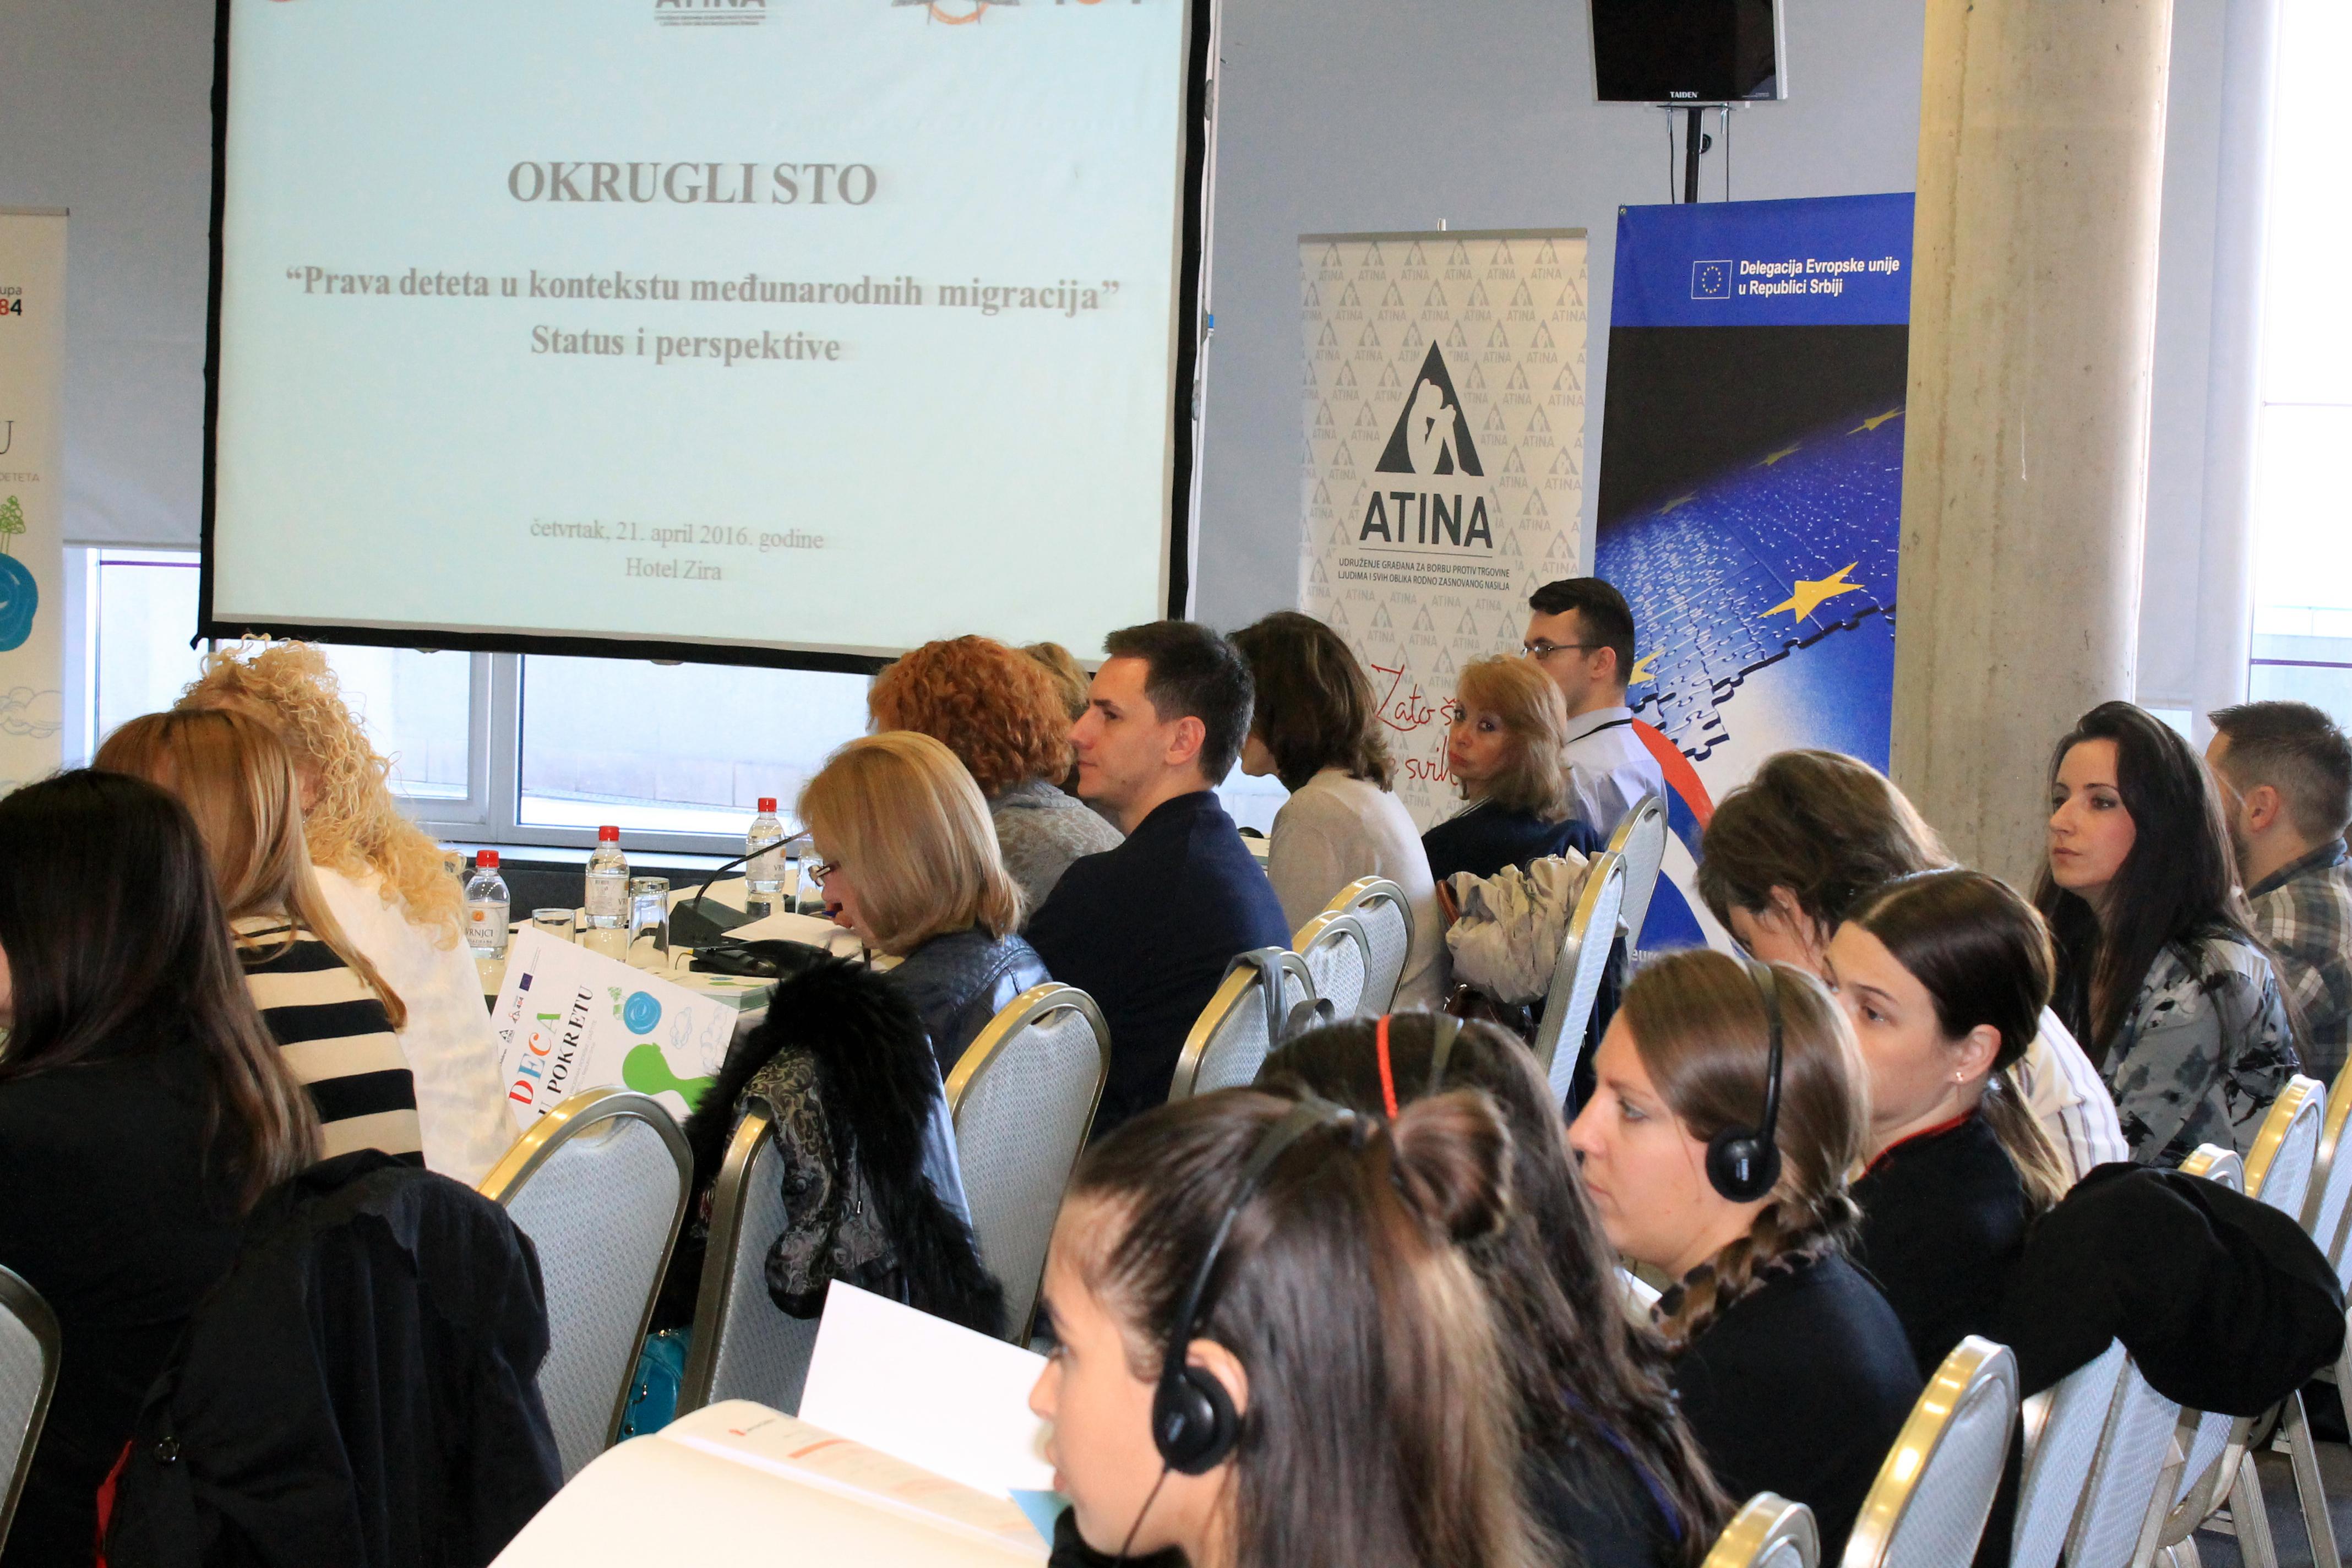 Atina, Save the Children, Grupa 484, Prava deteta u kontekstu međunarodnih migracija